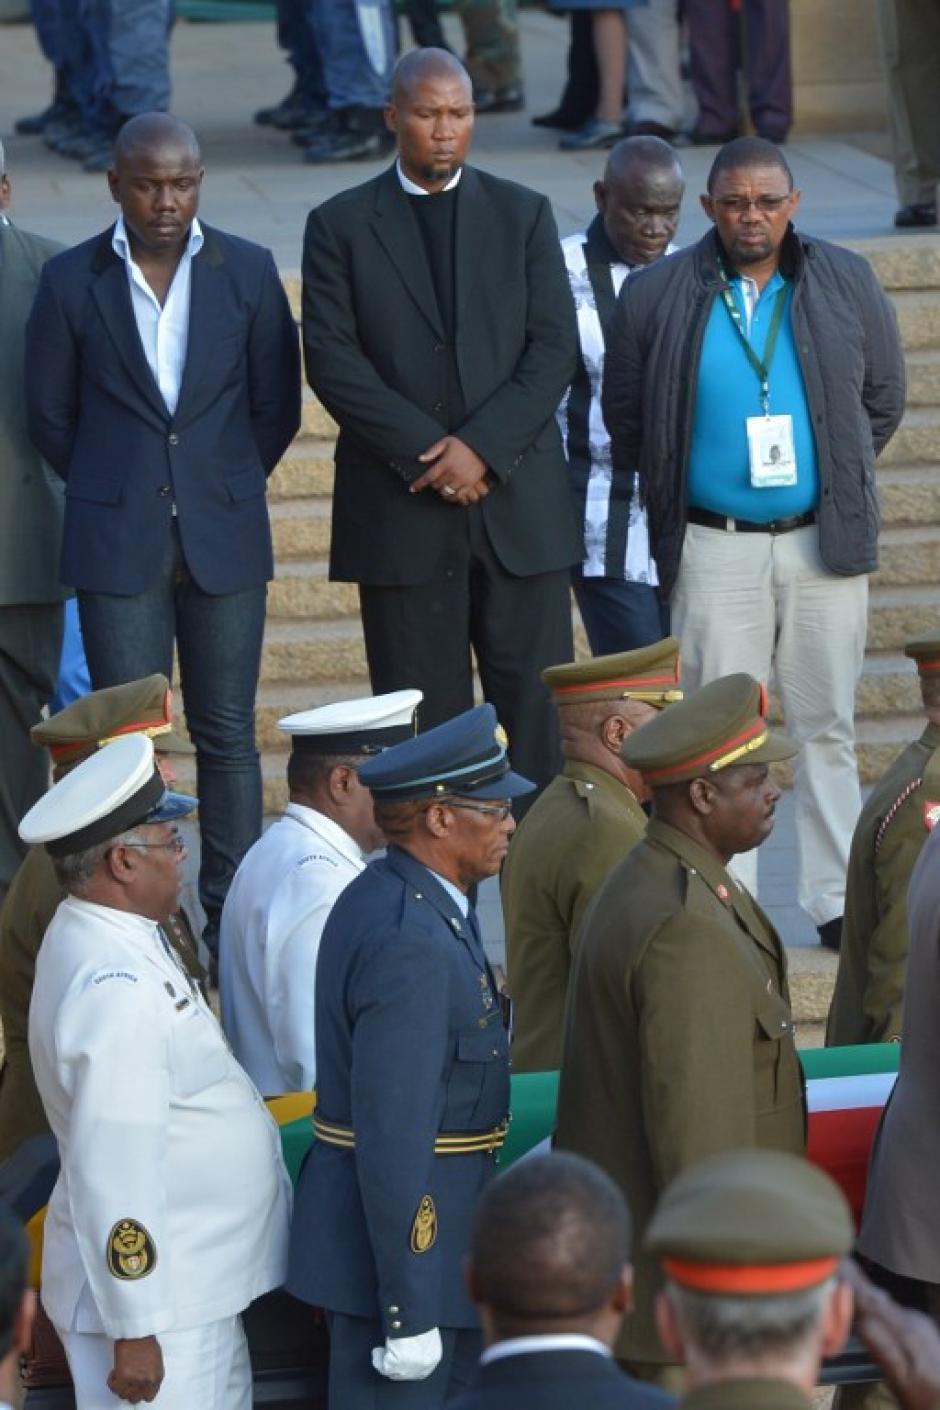 Al centro todo vestido de negro Mandla Mandela nieto del ícono sudafricano. Foto AFP